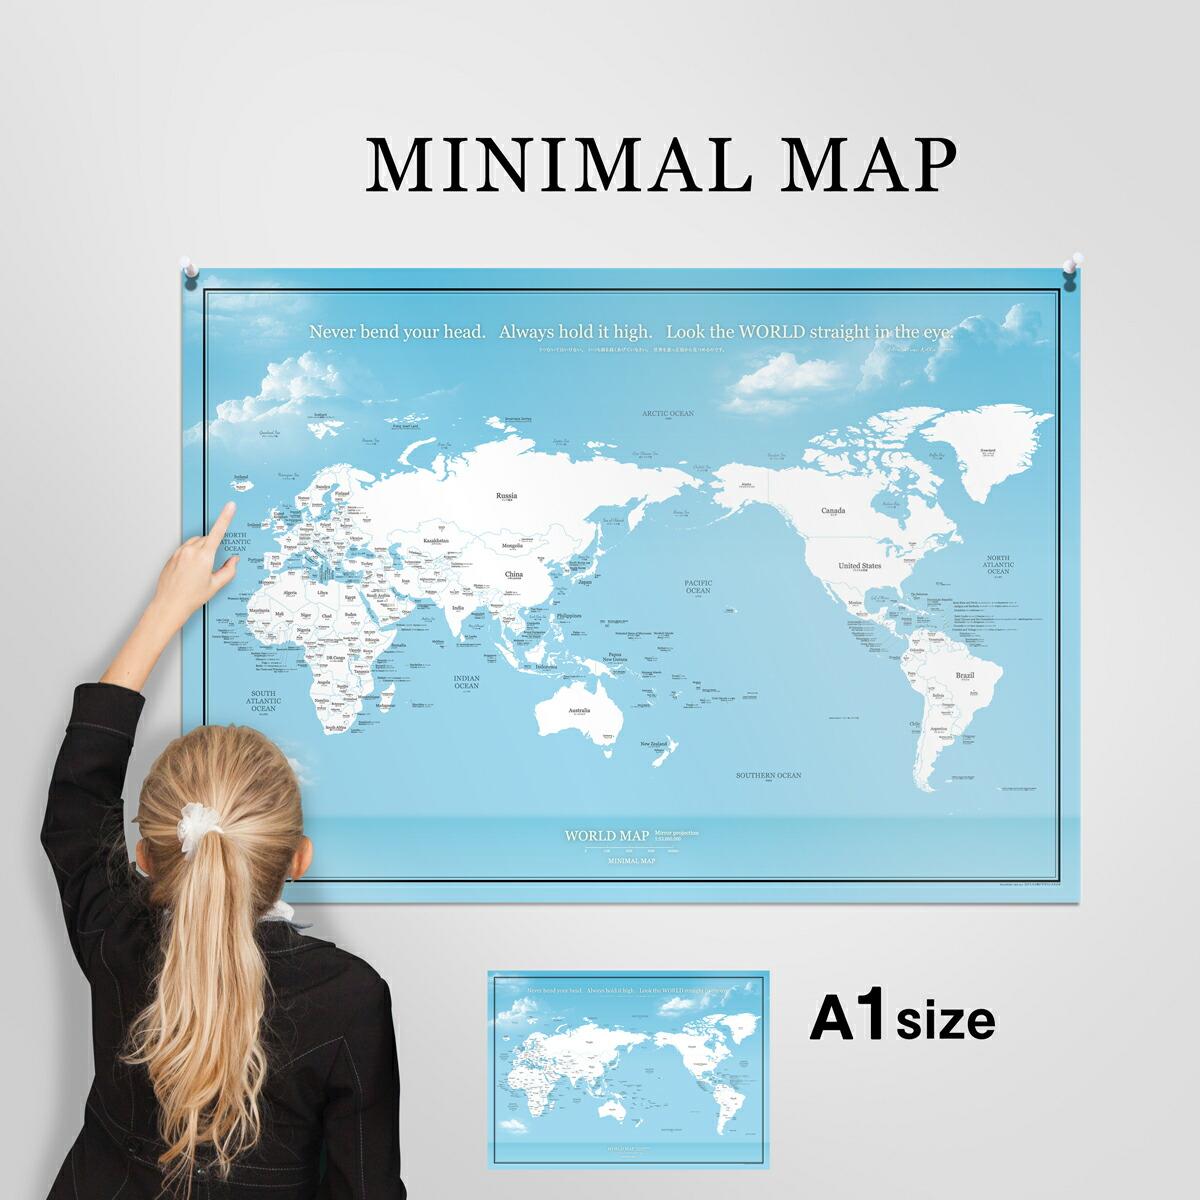 日本語と英語が並記 ブルーの空と海に白い世界地図。お部屋がパッと明るくなります 【0のつく日】世界地図 A1 ブルー 空と海 ポスター インテリア おしゃれ 国名 白地図 こども ミニマルマップ Zoom背景 テレワーク オンライン 040 cpy